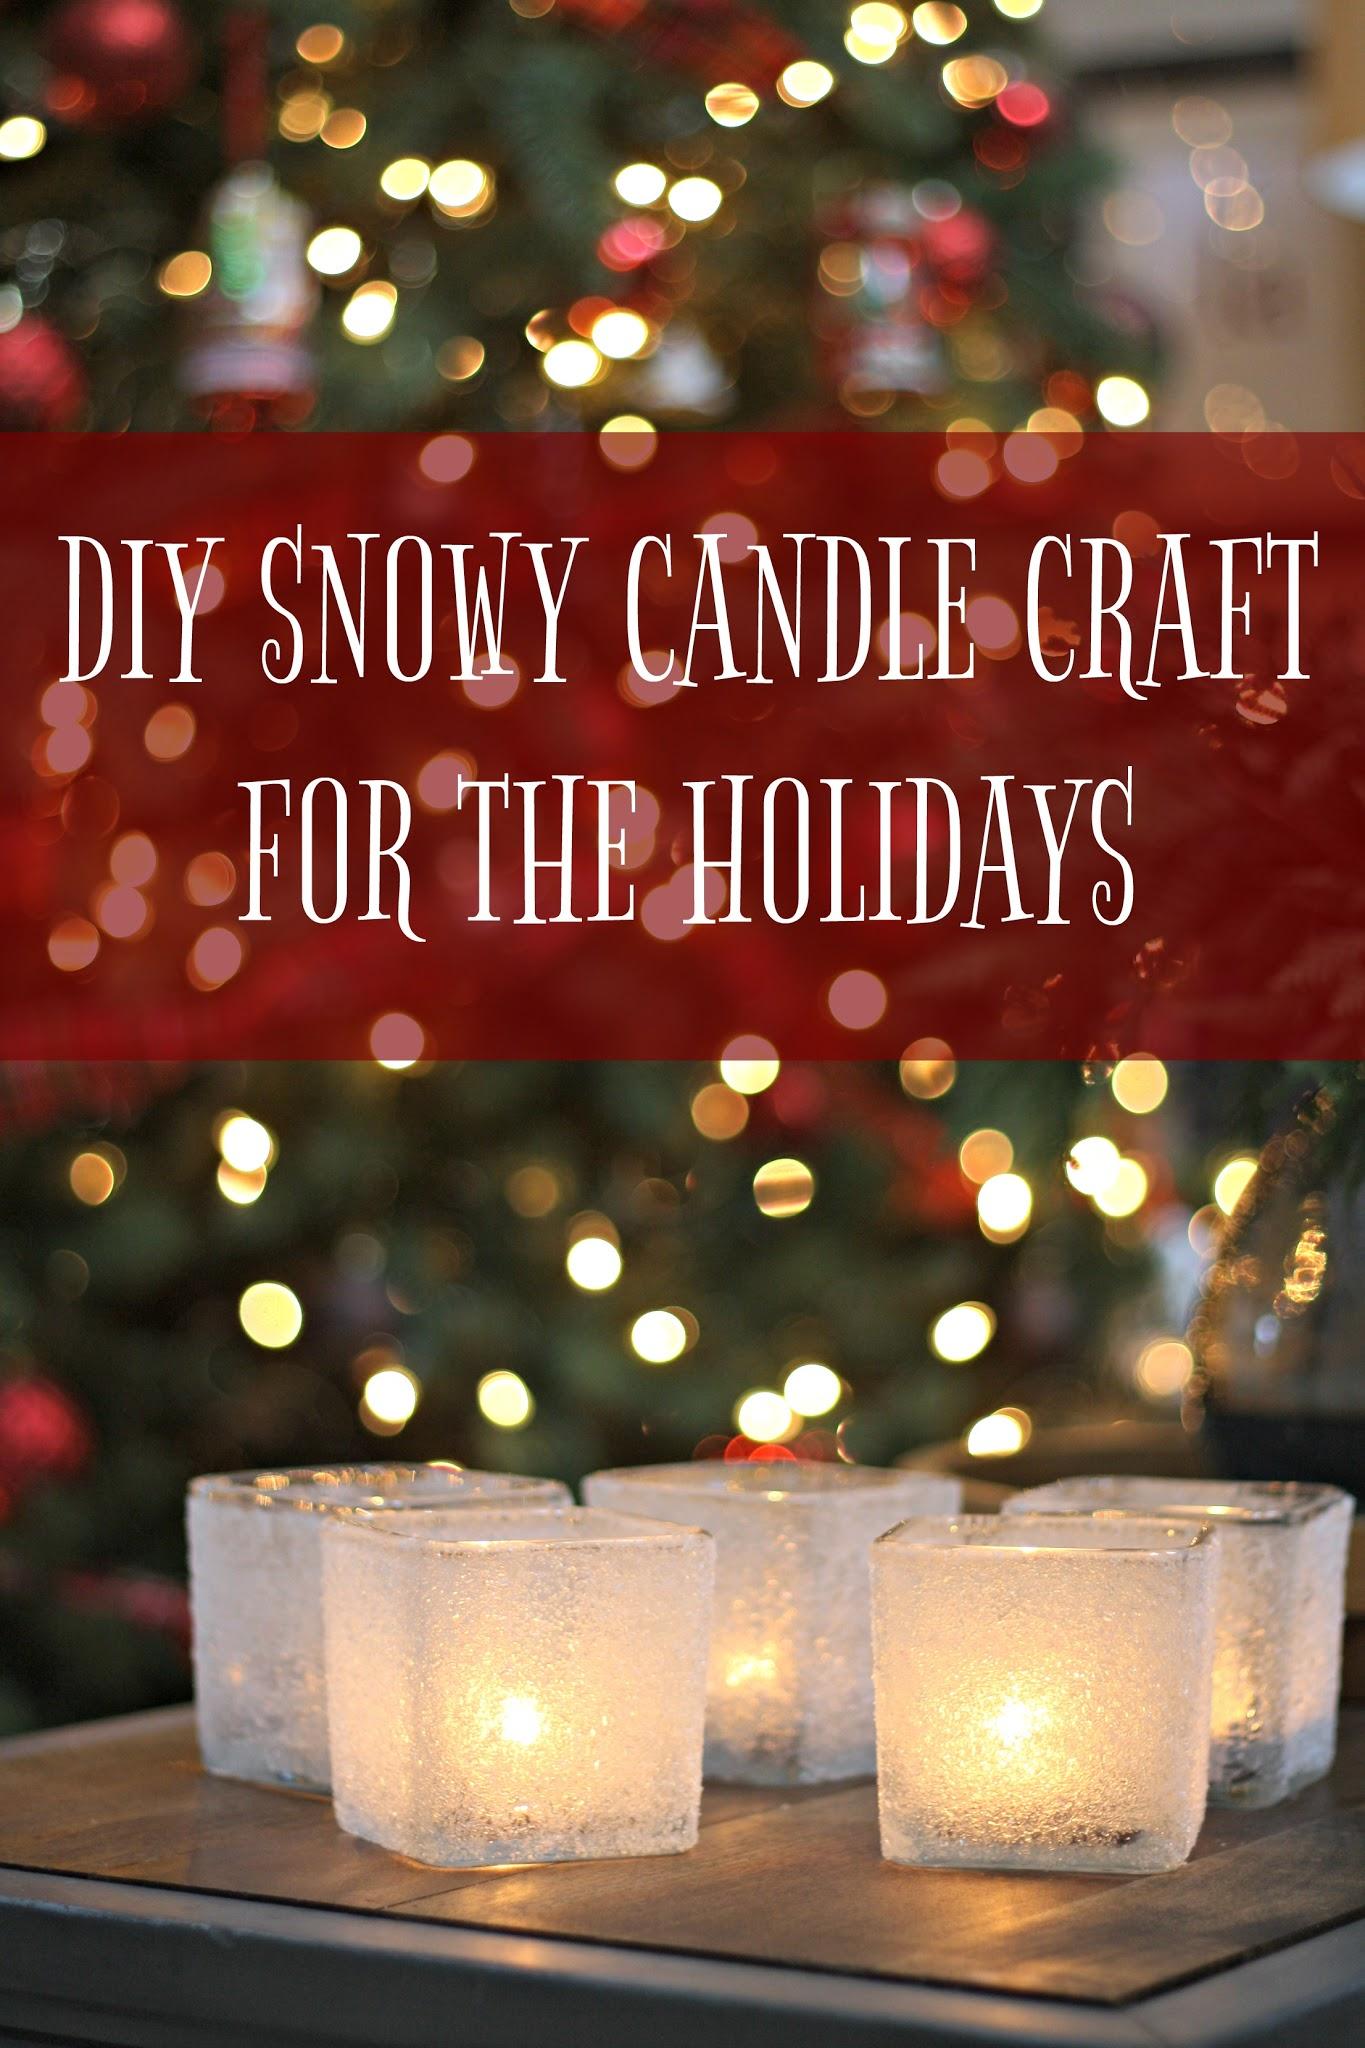 DIY Epsom salt candle craft